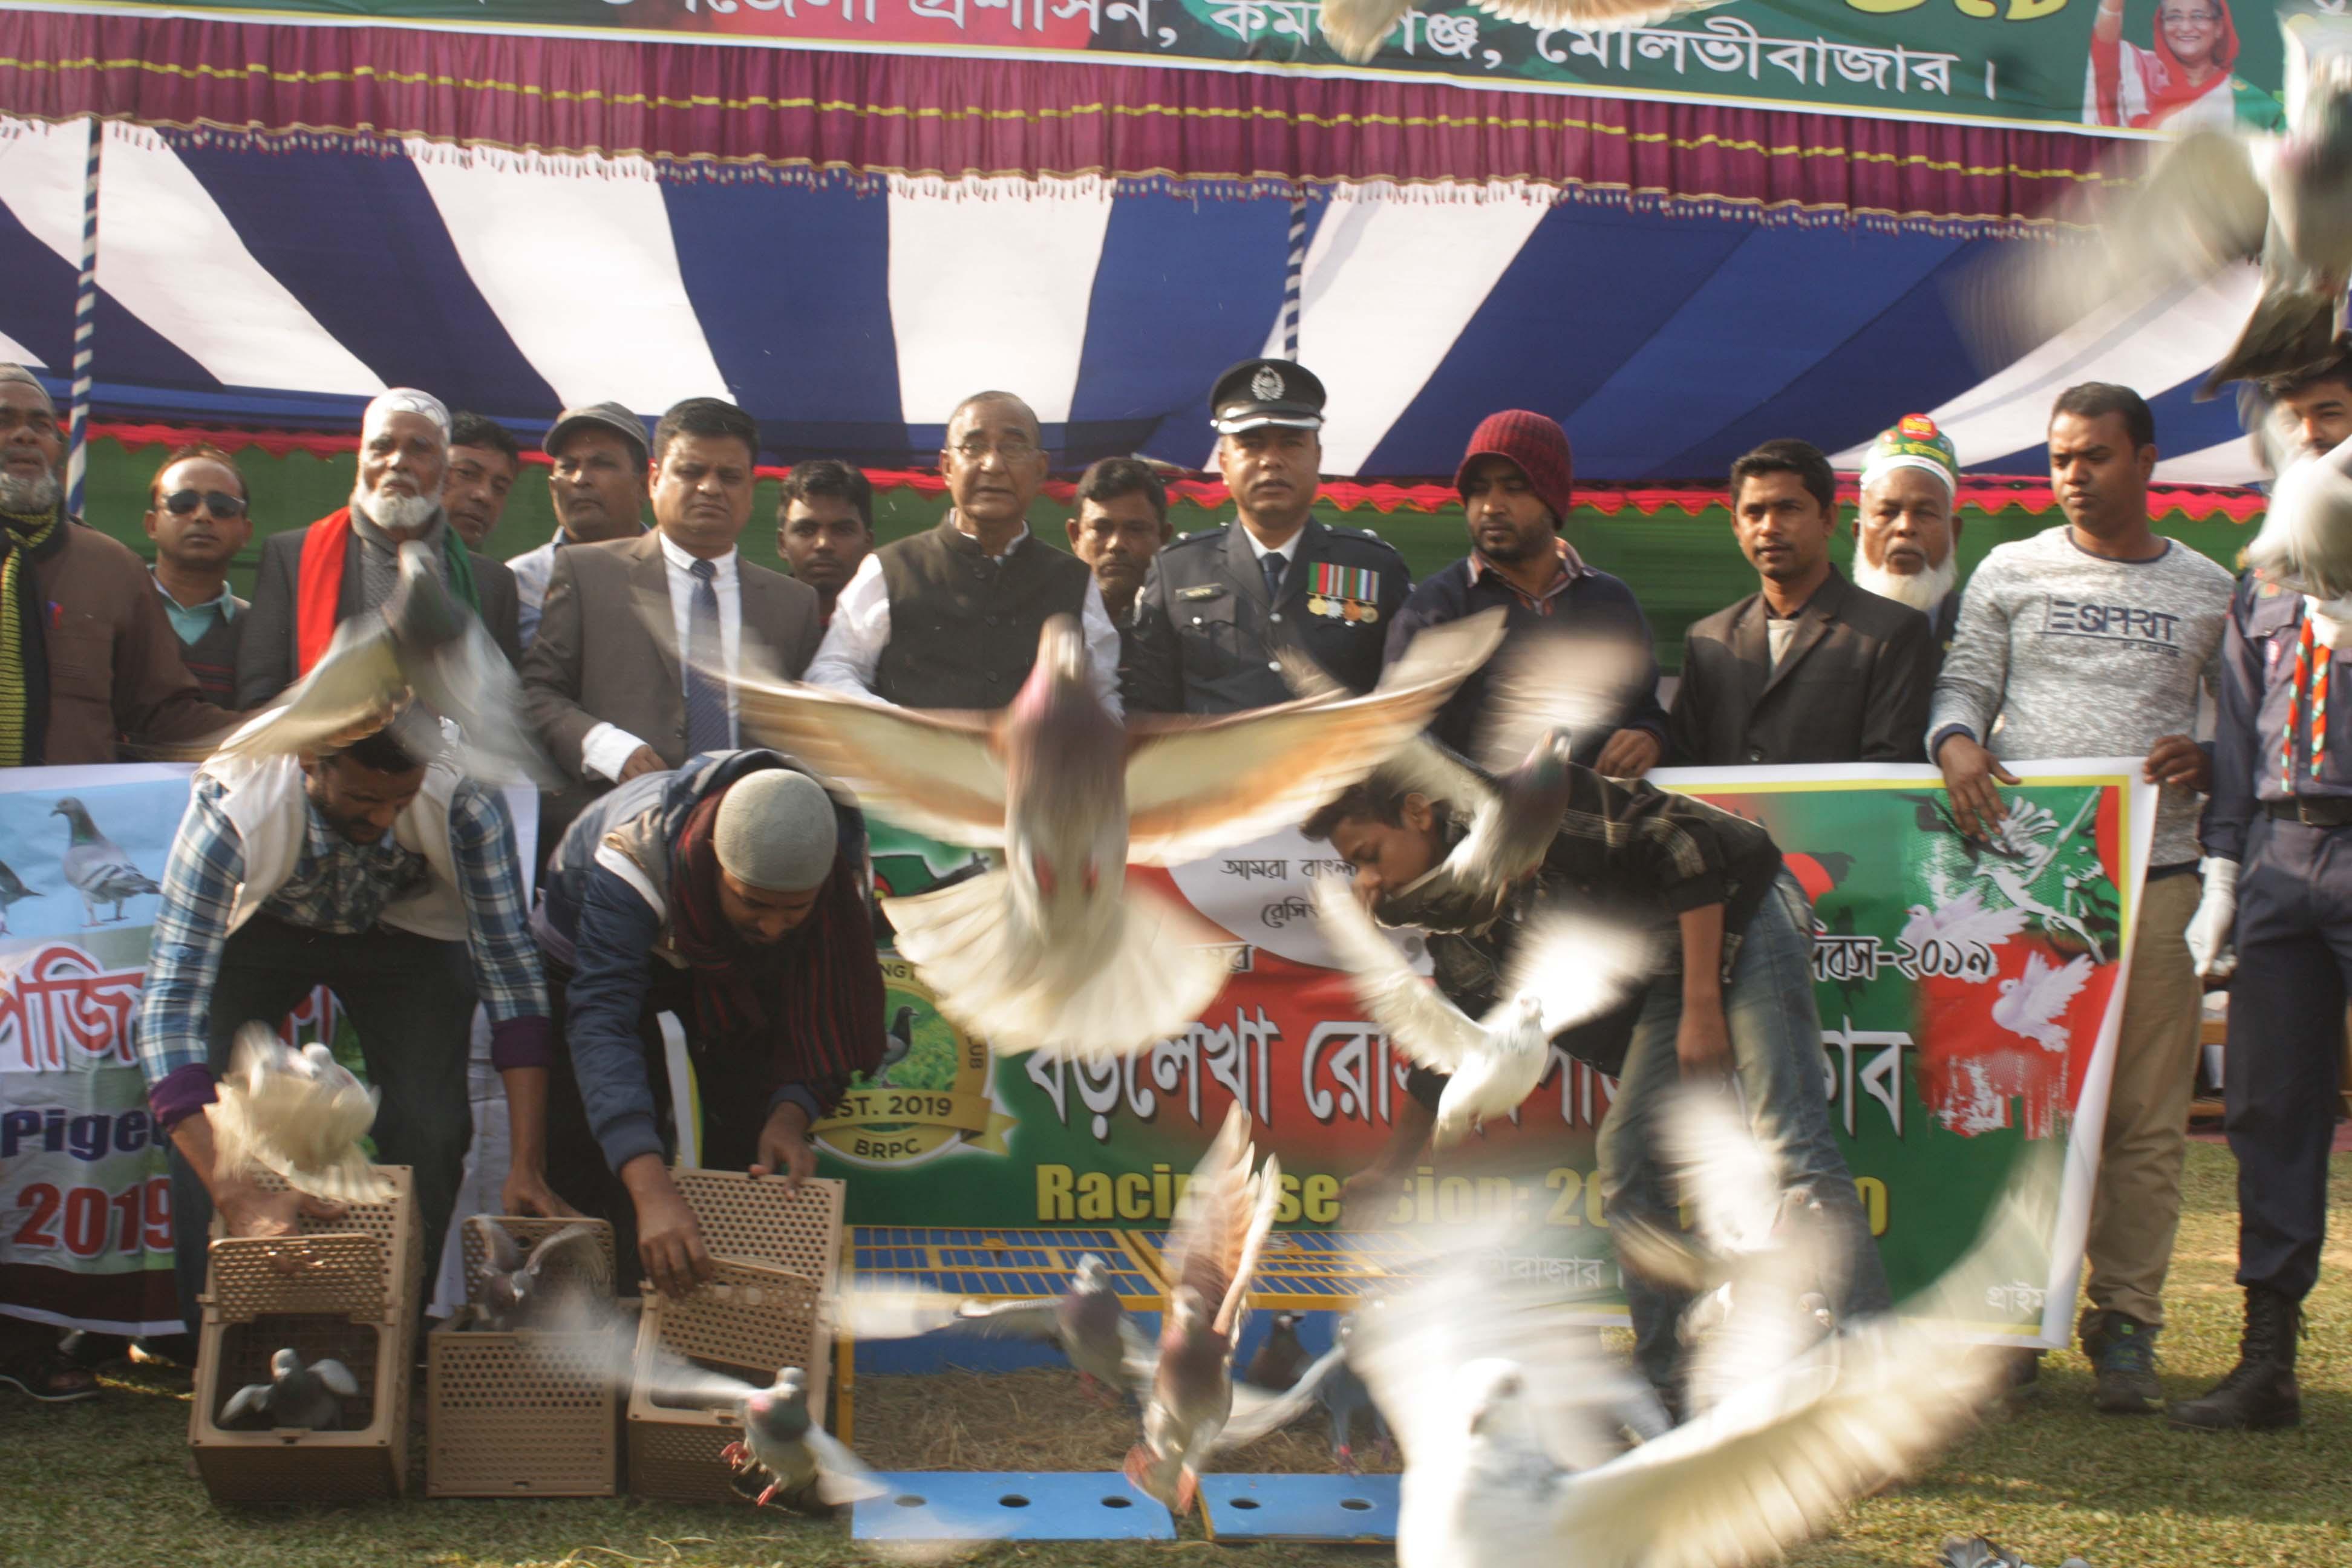 কমলগঞ্জে বড়লেখা রেসিং পিজিয়ন ক্লাবের উদ্যোগে কবুতর রেস প্রতিযোগীতা অনুষ্টিত